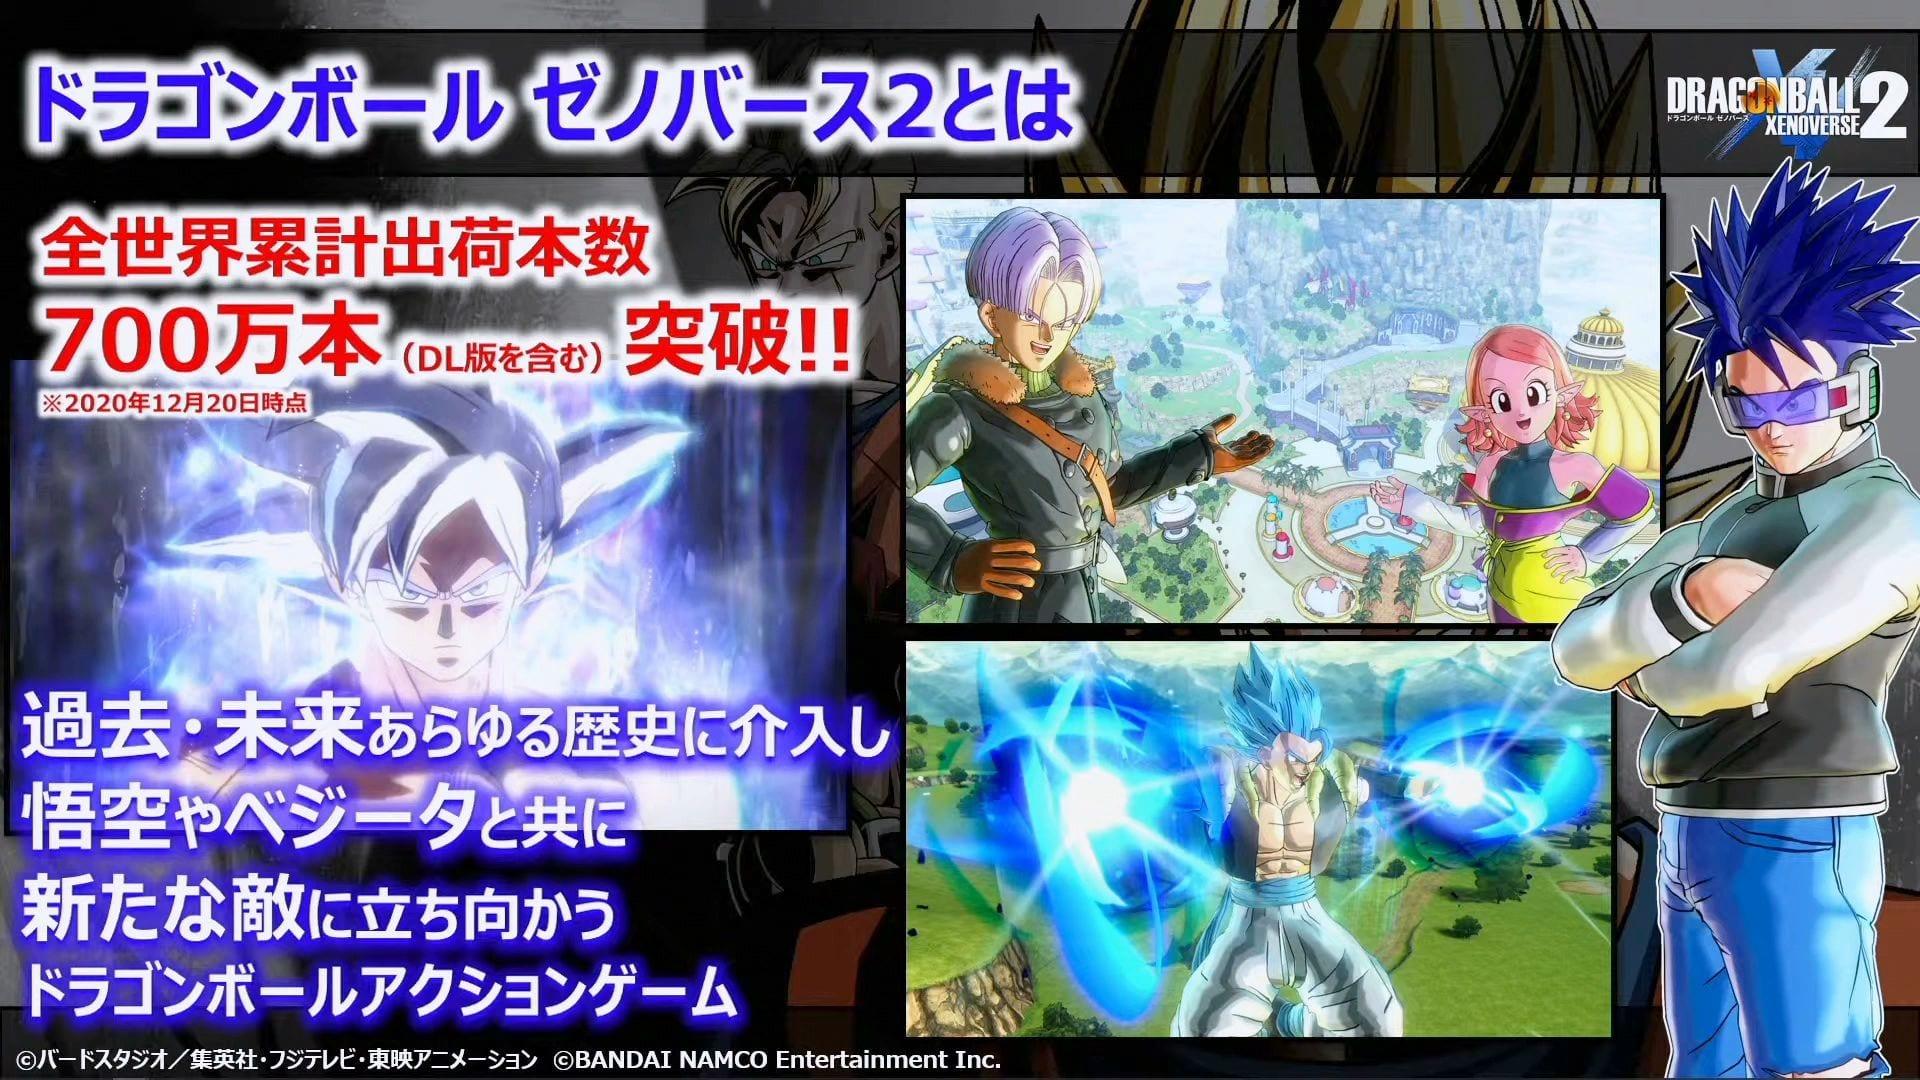 Dragon Ball Xenoverse 2 presenta nuevos contenidos de pago y gratuitos